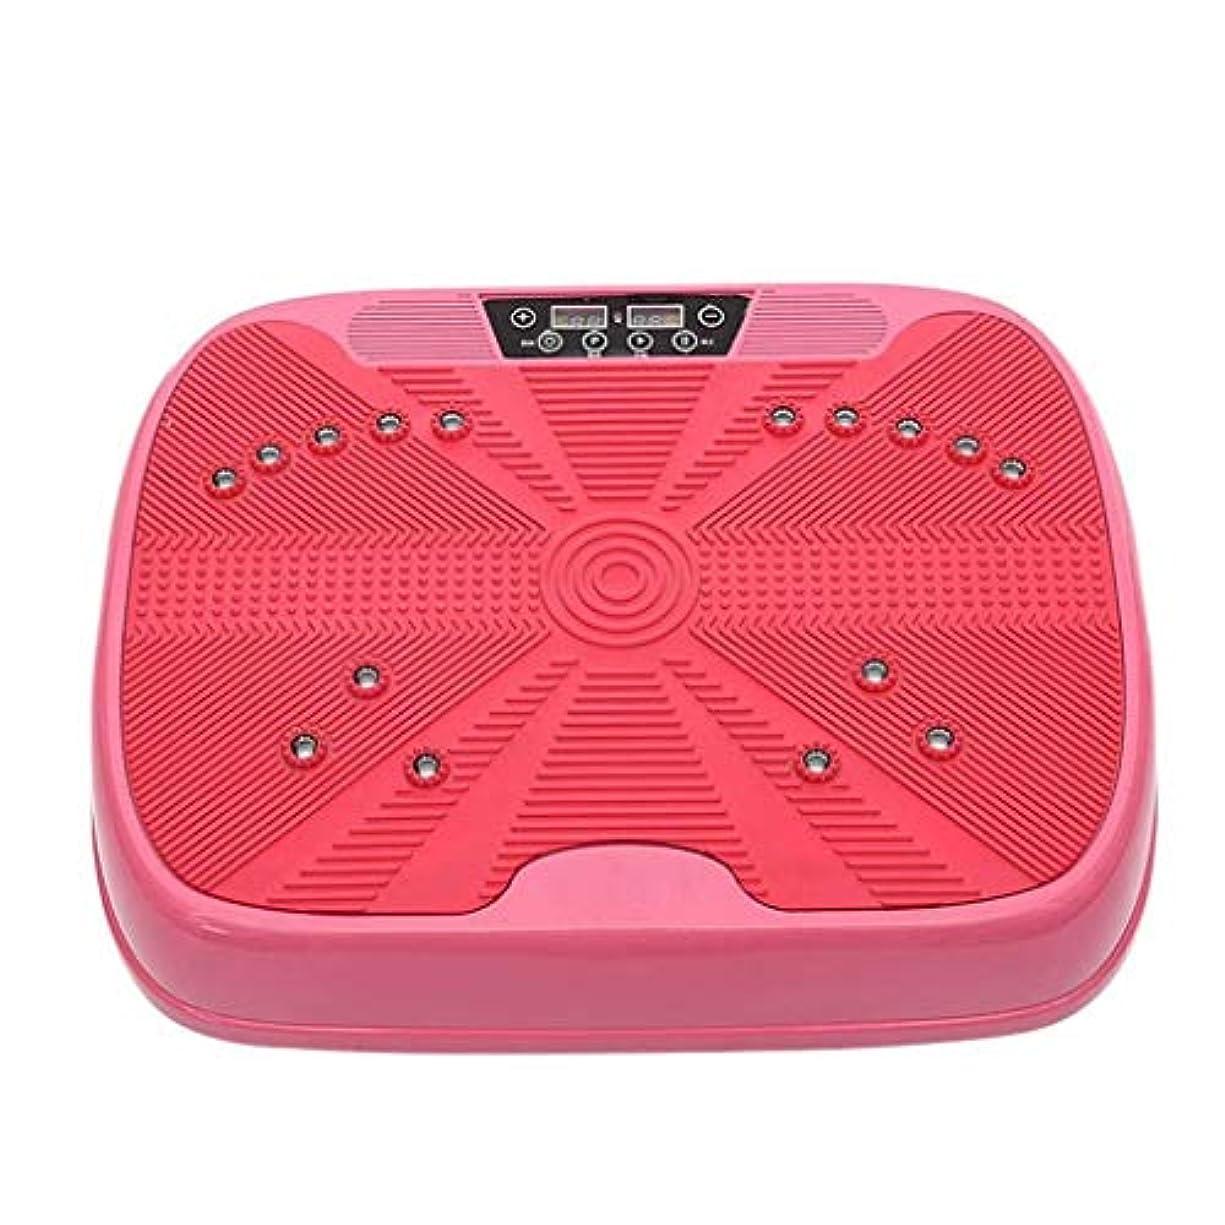 磁石正確にロータリー減量機、ジム/ホームフィットネス振動パワーボード、多機能モードモーション振動トレーナー、99レベルのスピードジム減量(最大負荷120KG) (Color : ピンク)